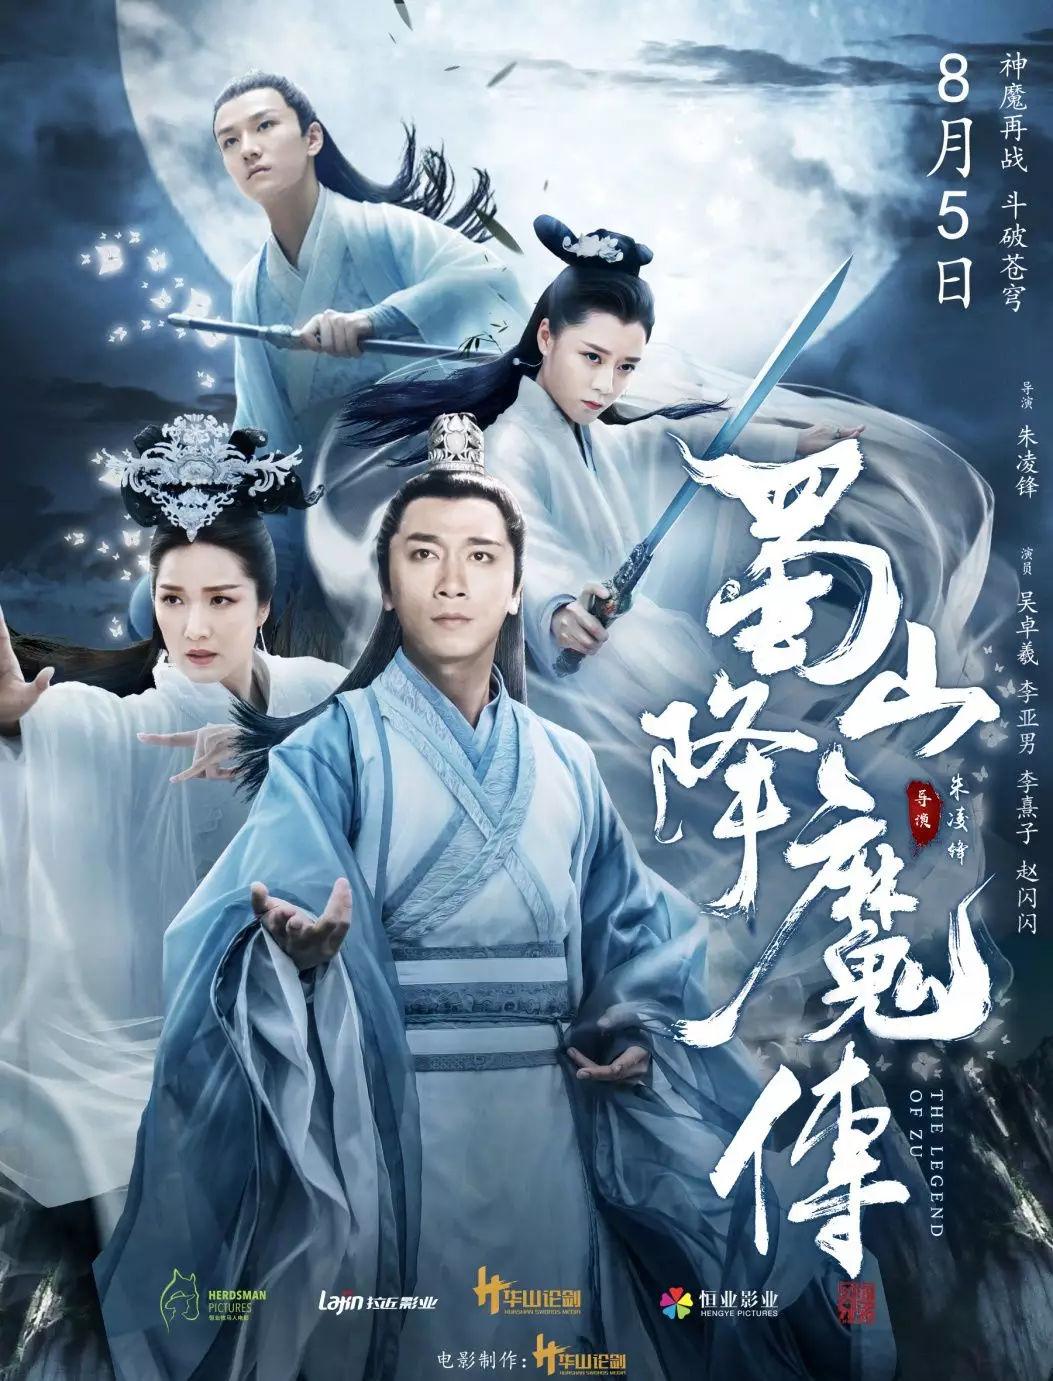 蜀山降魔傳 The Legend of Zu